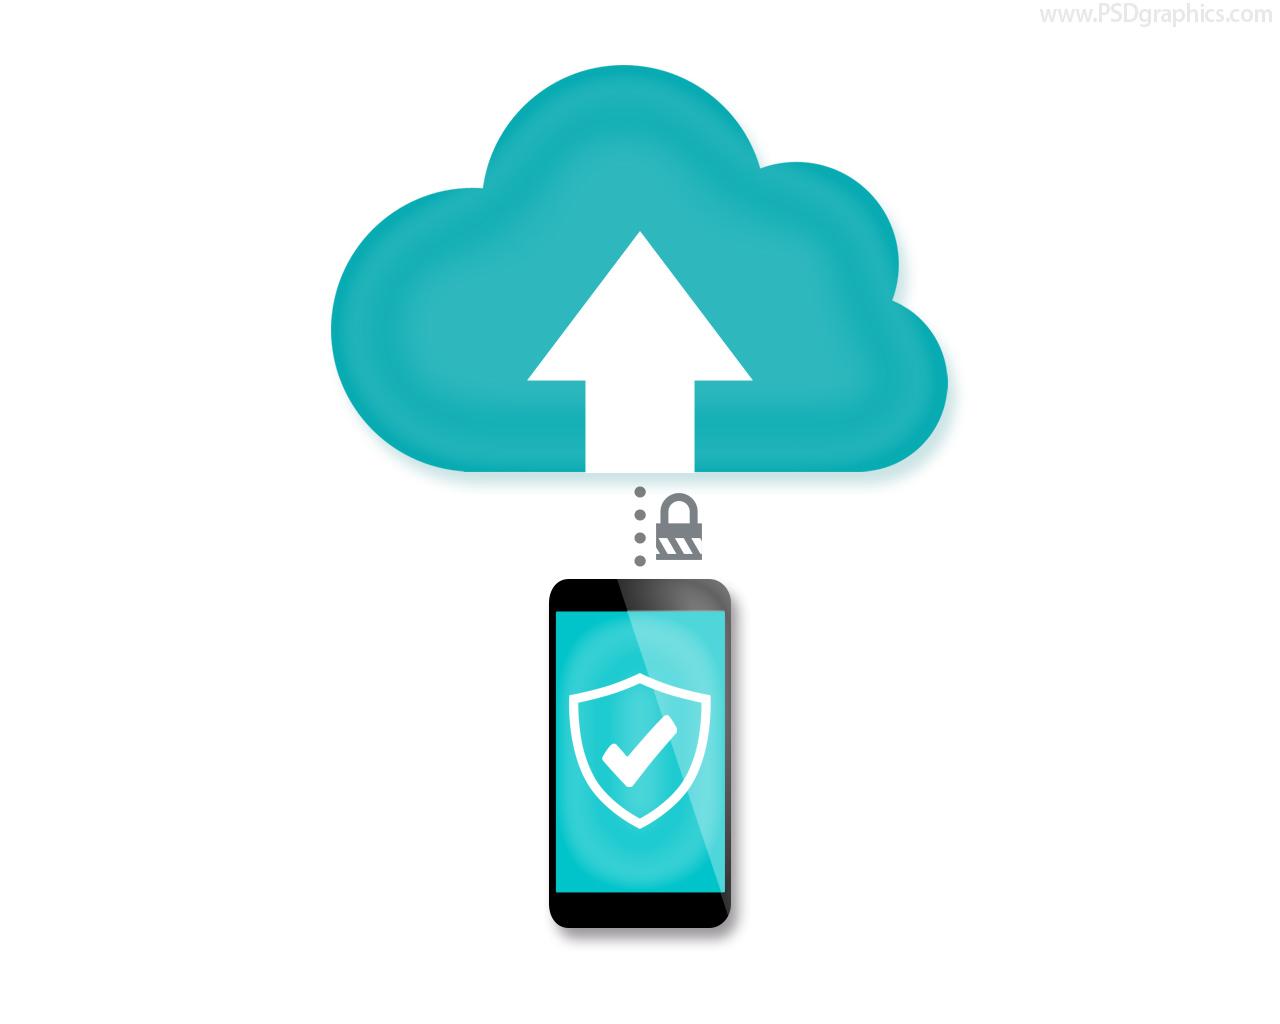 Online storage icon (PSD) | PSDGraphics: www.psdgraphics.com/psd/online-storage-icon-psd